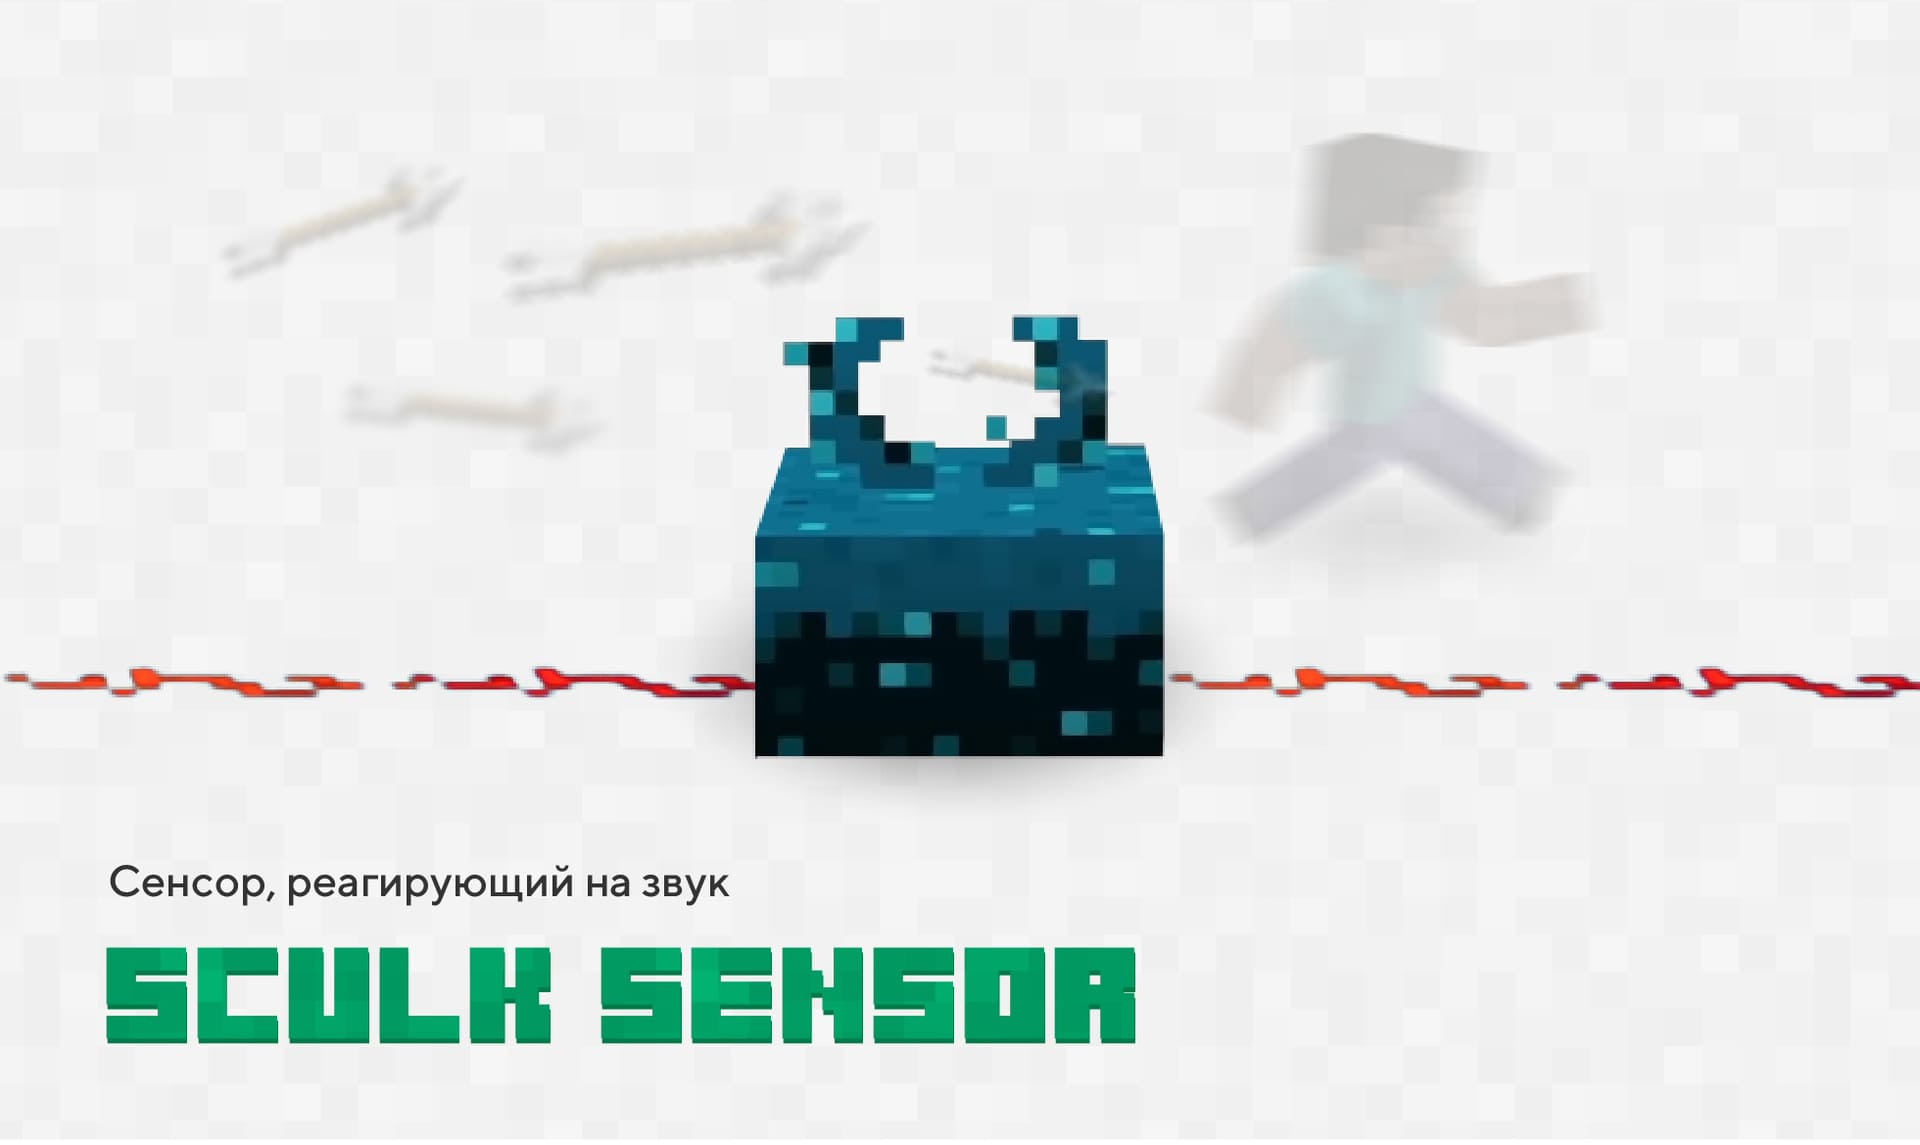 Новый блок, который реагирует на звук и подает сигнал редстоуна.